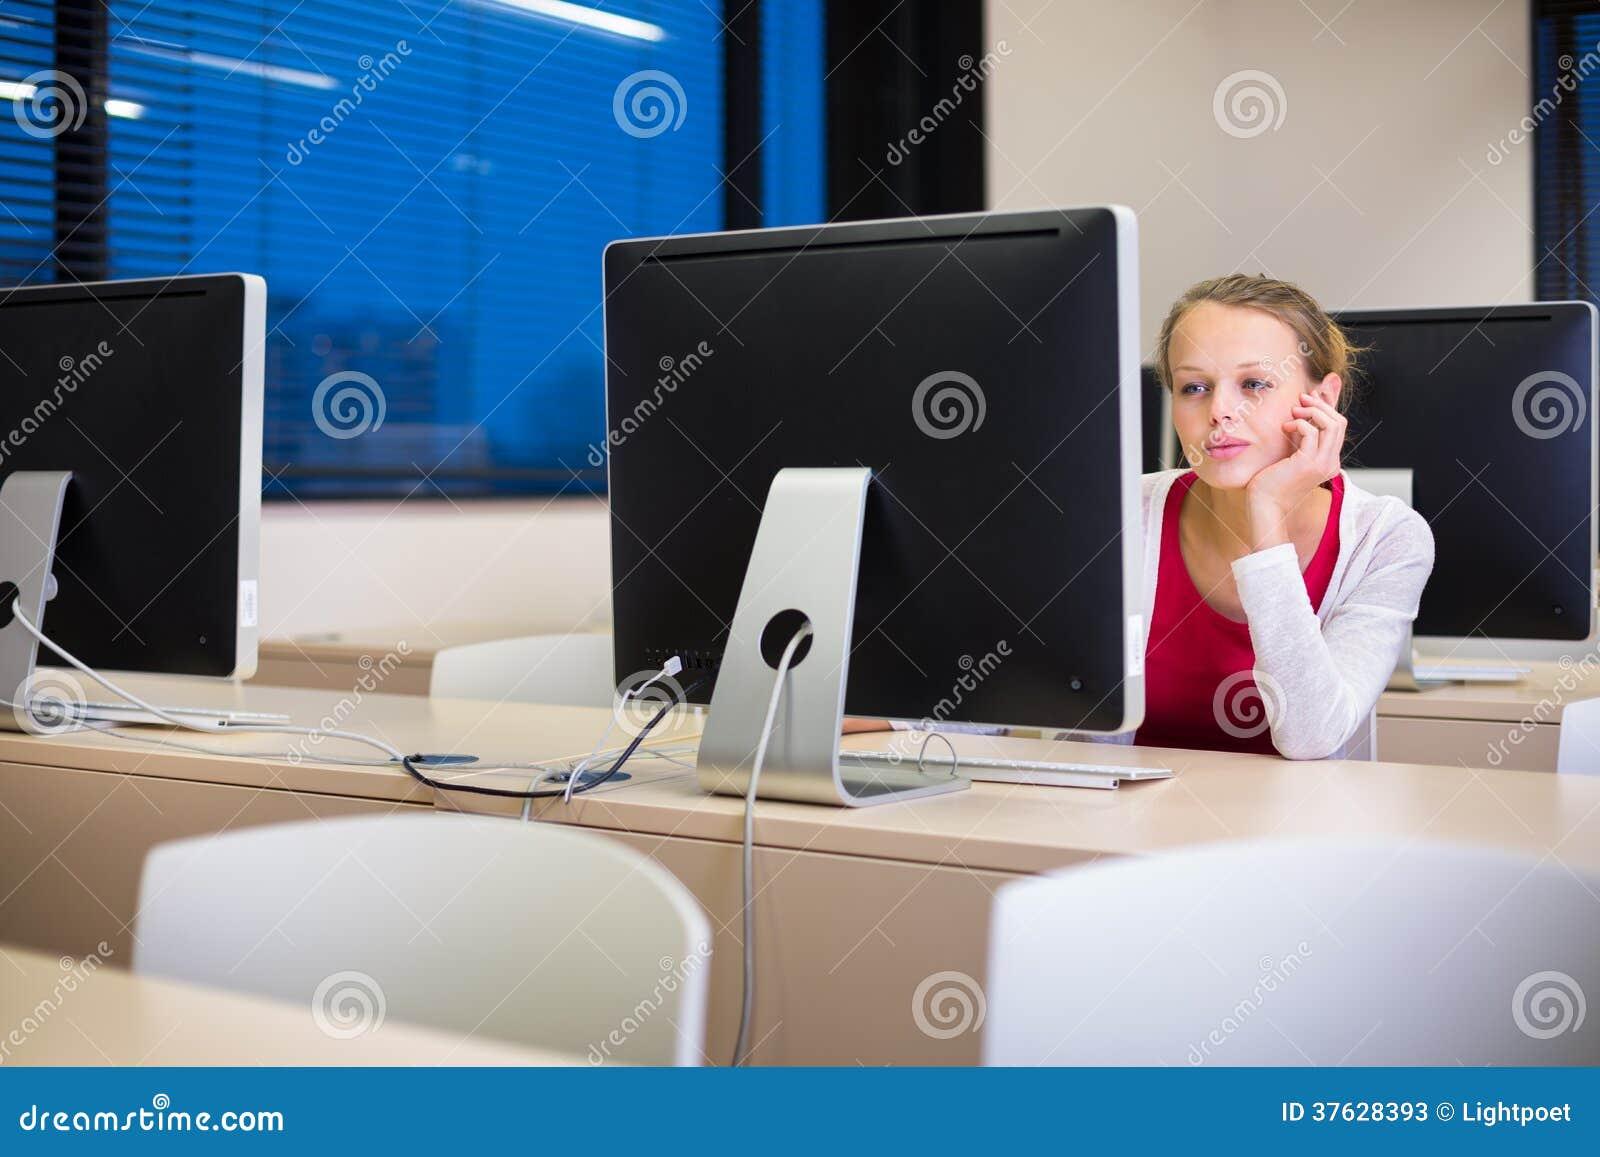 Όμορφος, νέος θηλυκός φοιτητής πανεπιστημίου που χρησιμοποιεί έναν υπολογιστή γραφείου